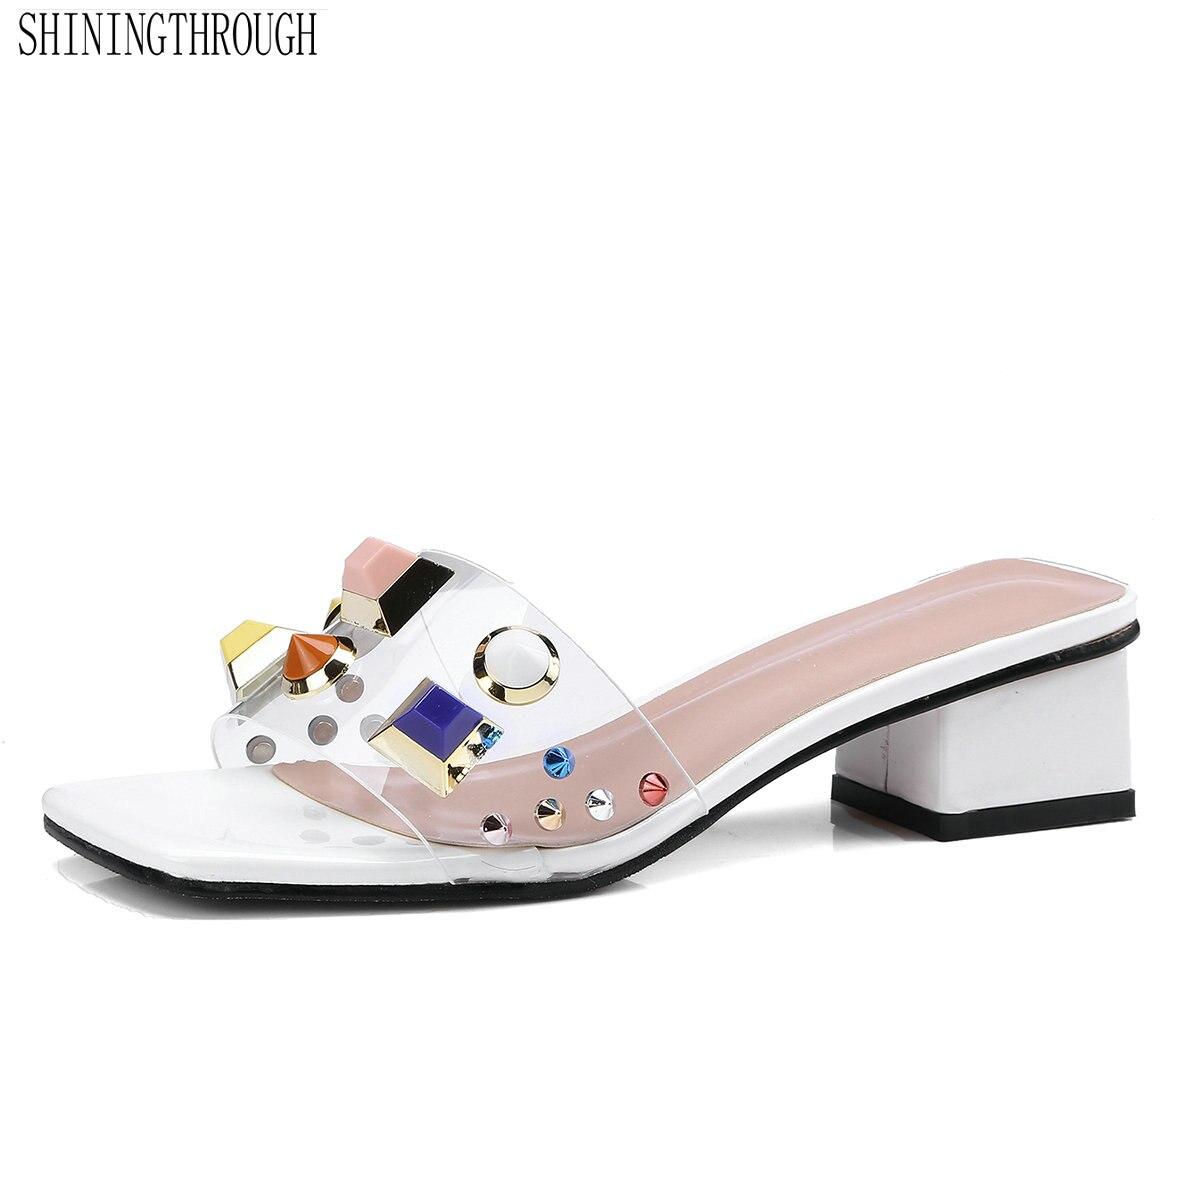 5182263630cc39 Rose Style Talons Cristal D'été Rivets Cm Hauts Sexy Schistes 4  Diapositives Étrange 2019 Chaussures Tendance blanc Femmes ...